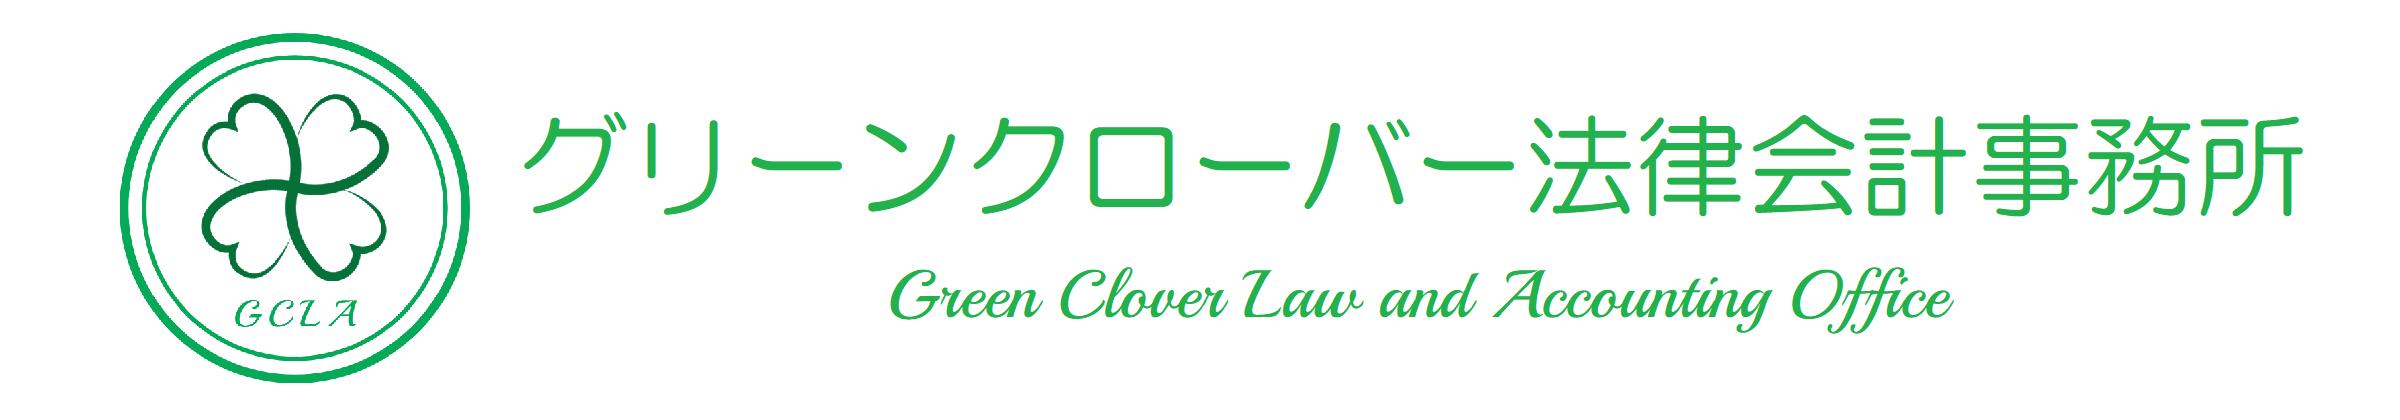 グリーンクローバー法律会計事務所